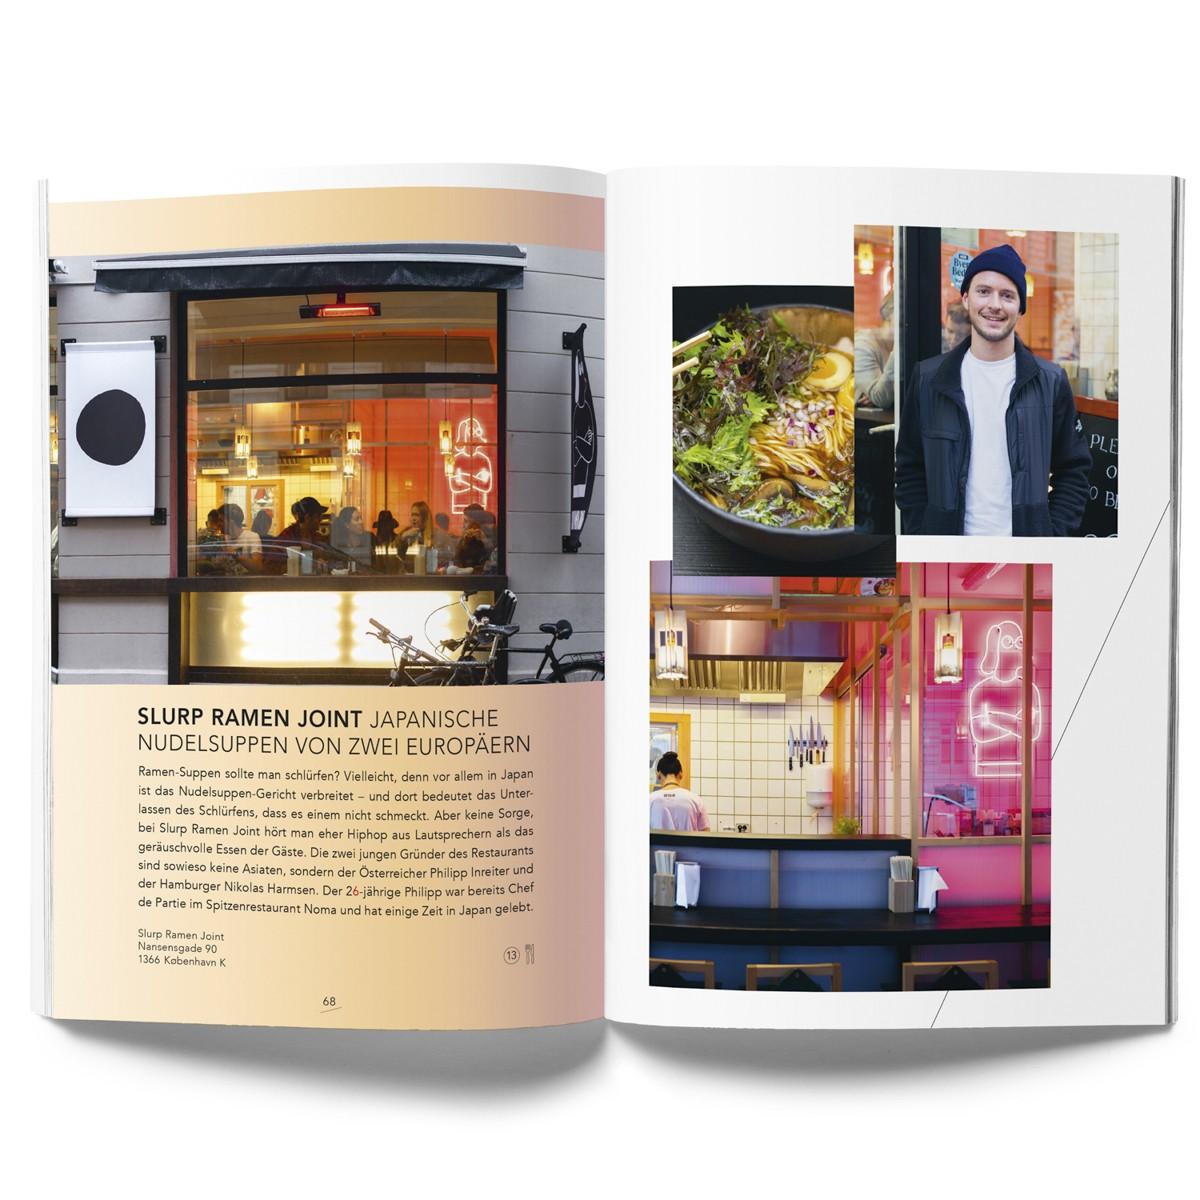 'Hallo Kopenhagen': neue nordische Küche, besondere Kaffeeorte und versteckte Highlights in ruhigen Seitenstraßen / Ankerwechsel Verlag